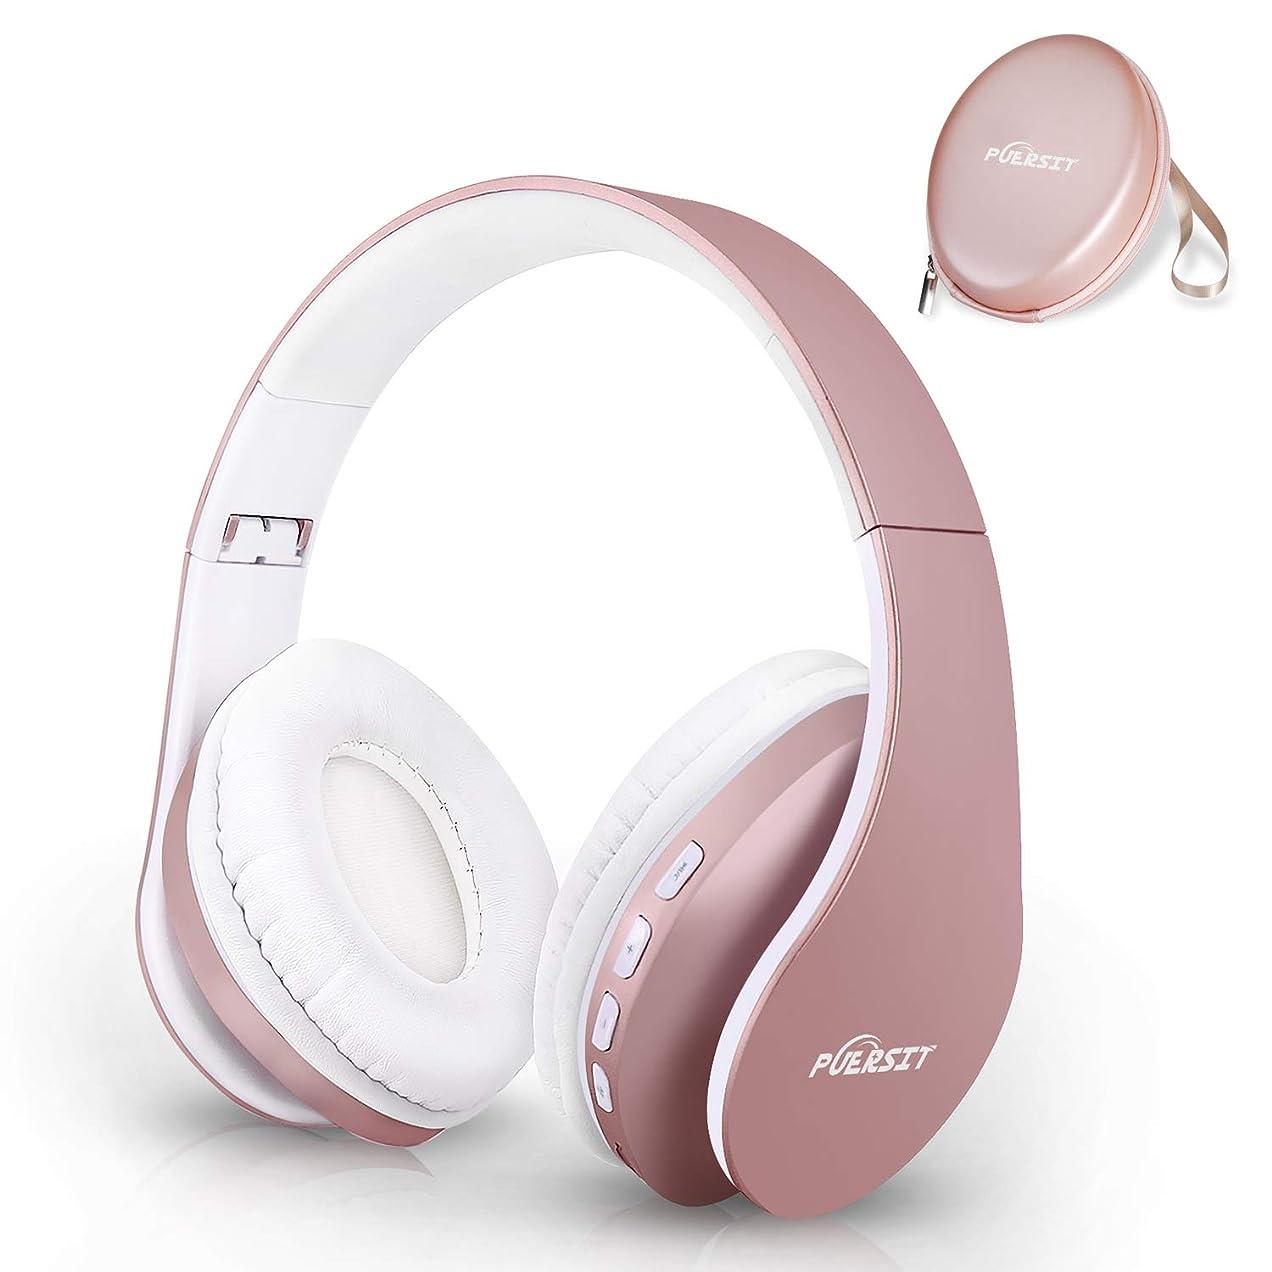 安全特派員振る舞うPuersit ヘッドホン Bluetooth ヘッドホン 折りたたみ式 密閉型 ヘッドホン オーバーイヤー 有線無線兼用 ヘッドフォン 内蔵マイク ハンズフリー通話可能 15時間再生 有線 ヘッドセット(ピンク)